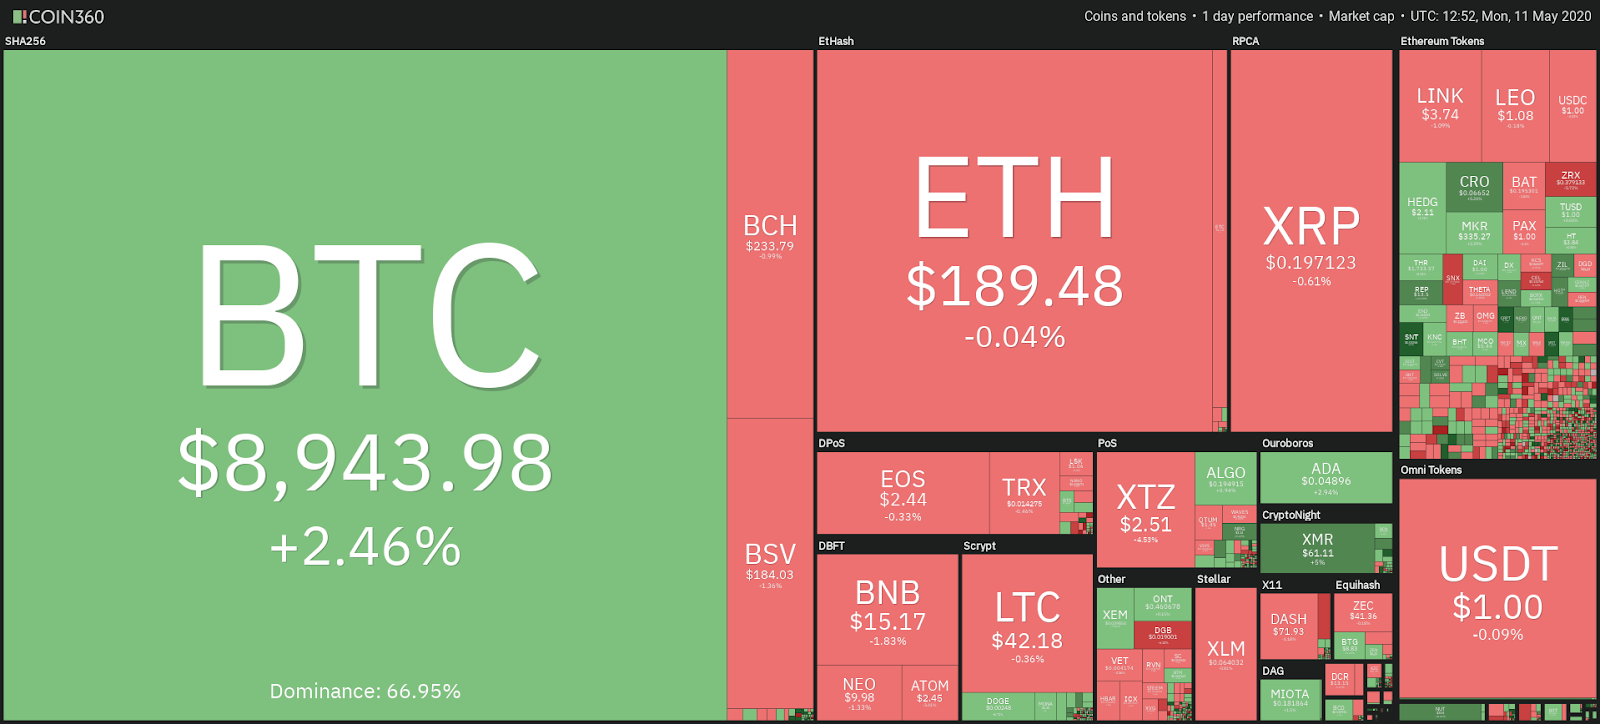 investiția comercilor btc strategia bitcoin etf